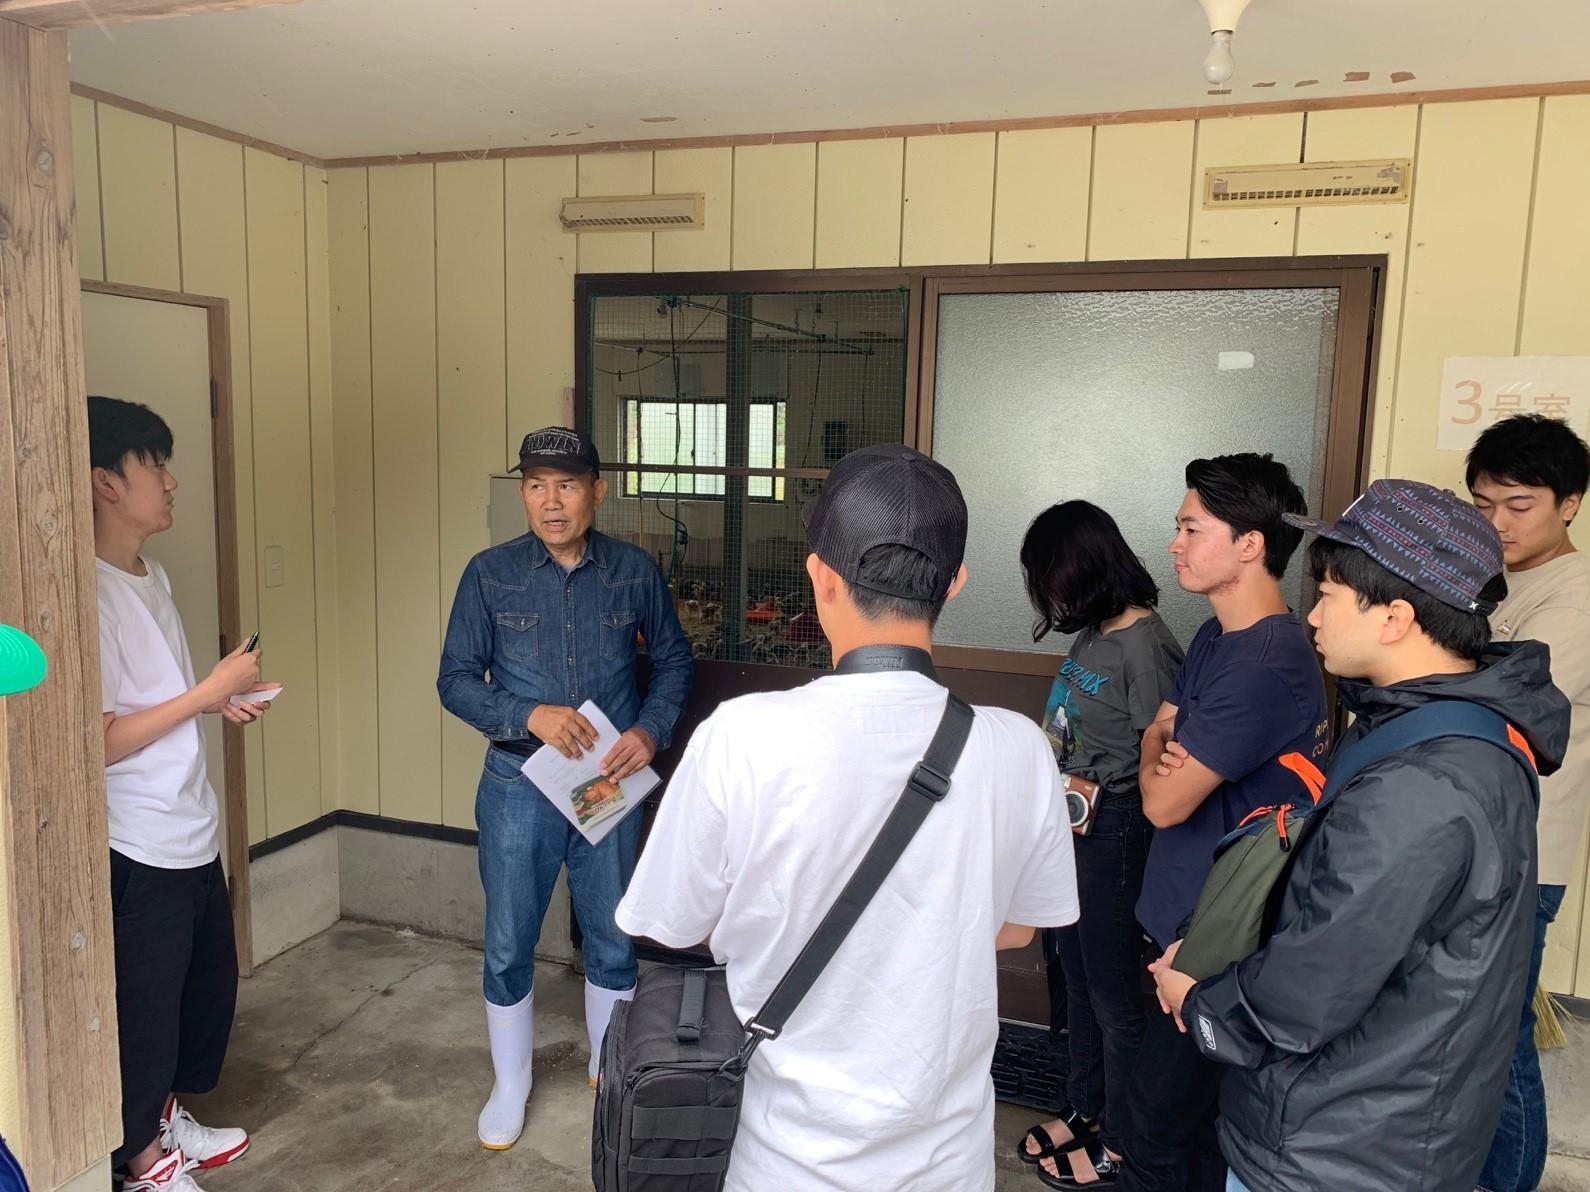 川俣町で自転車を活用した観光事業を検証するフィールドワークサイクルツーリズムで観光活性化を目指す